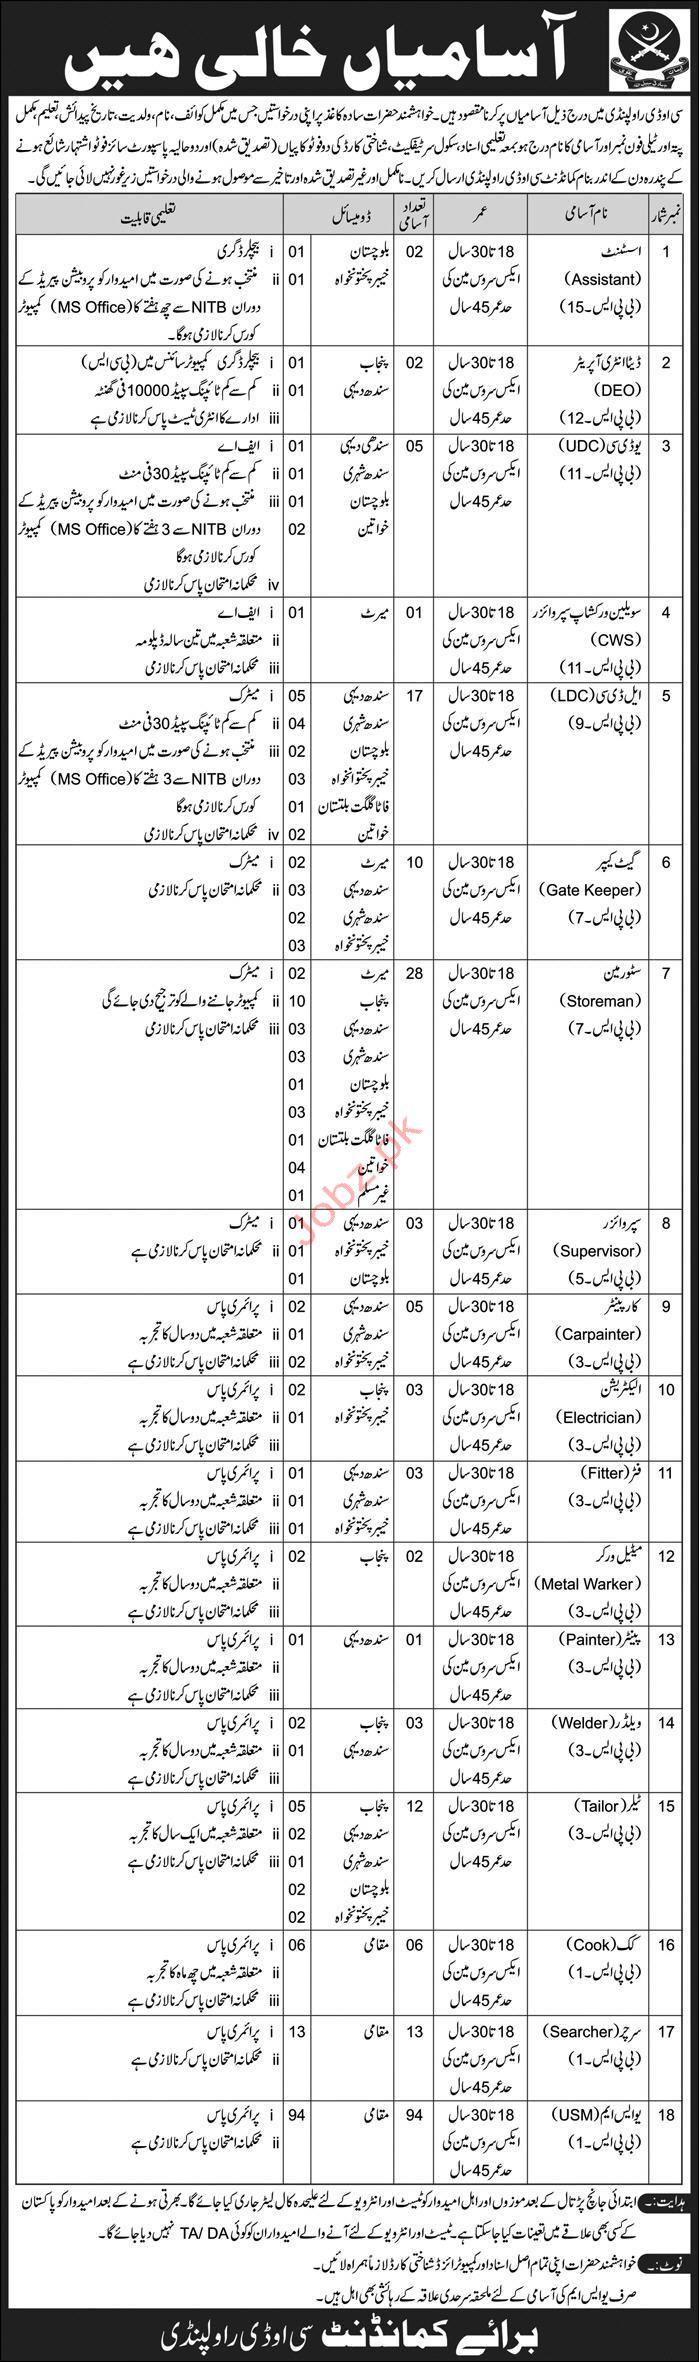 COD Rawalpindi Pakistan Army Store Jobs 2019